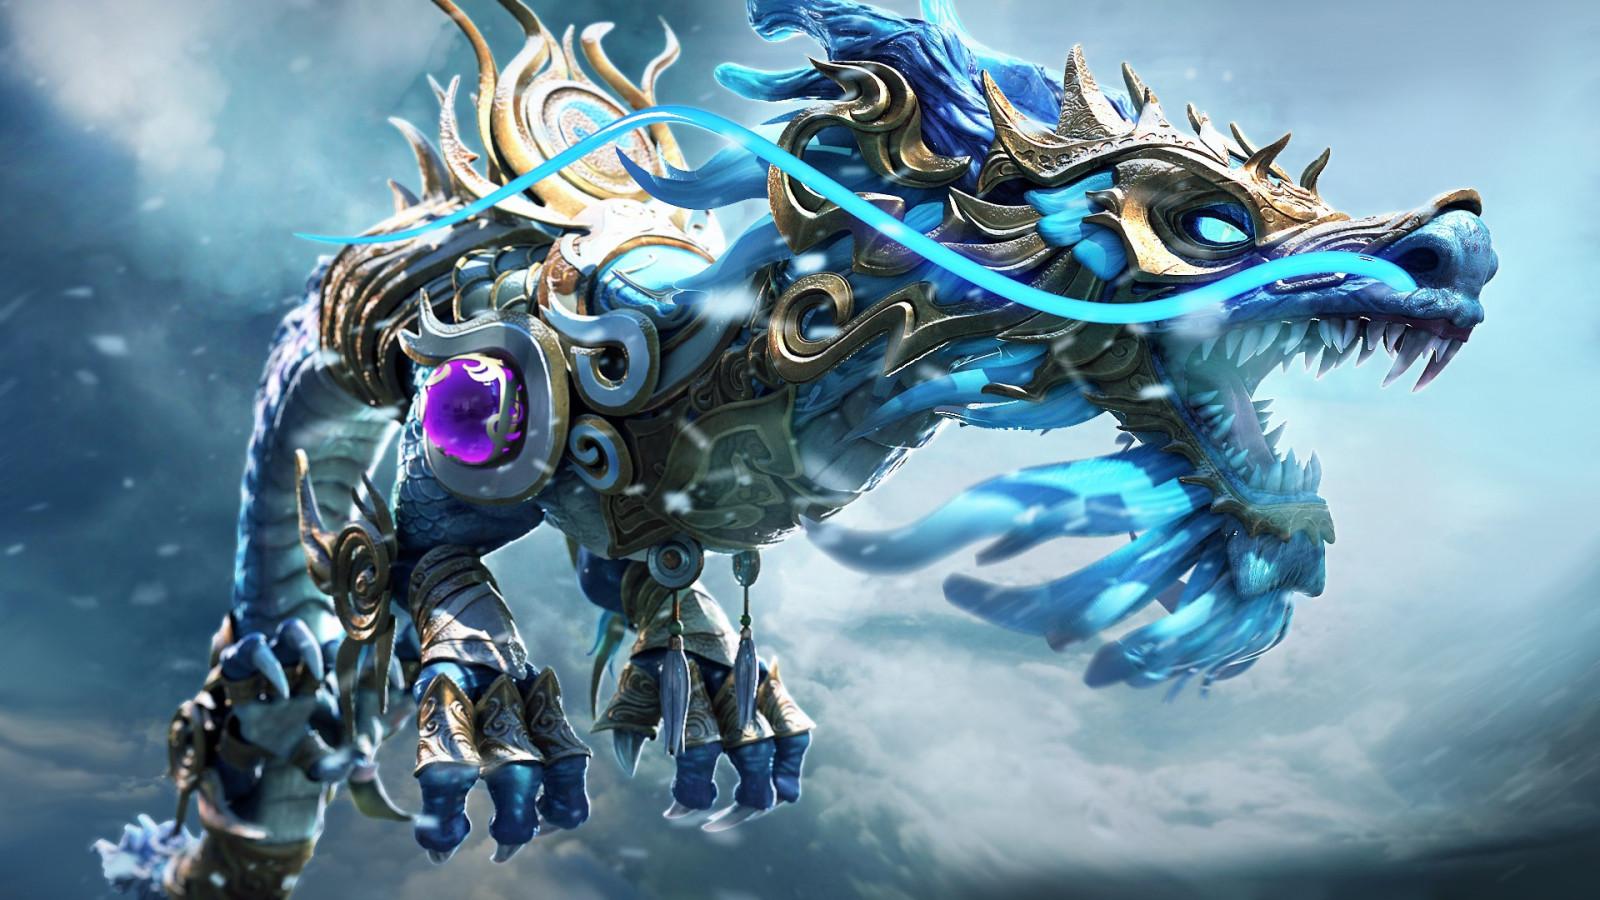 Fond d'écran : jeux vidéo, Art fantastique, Anime, ouvrages d'art, World of Warcraft, dragon ...